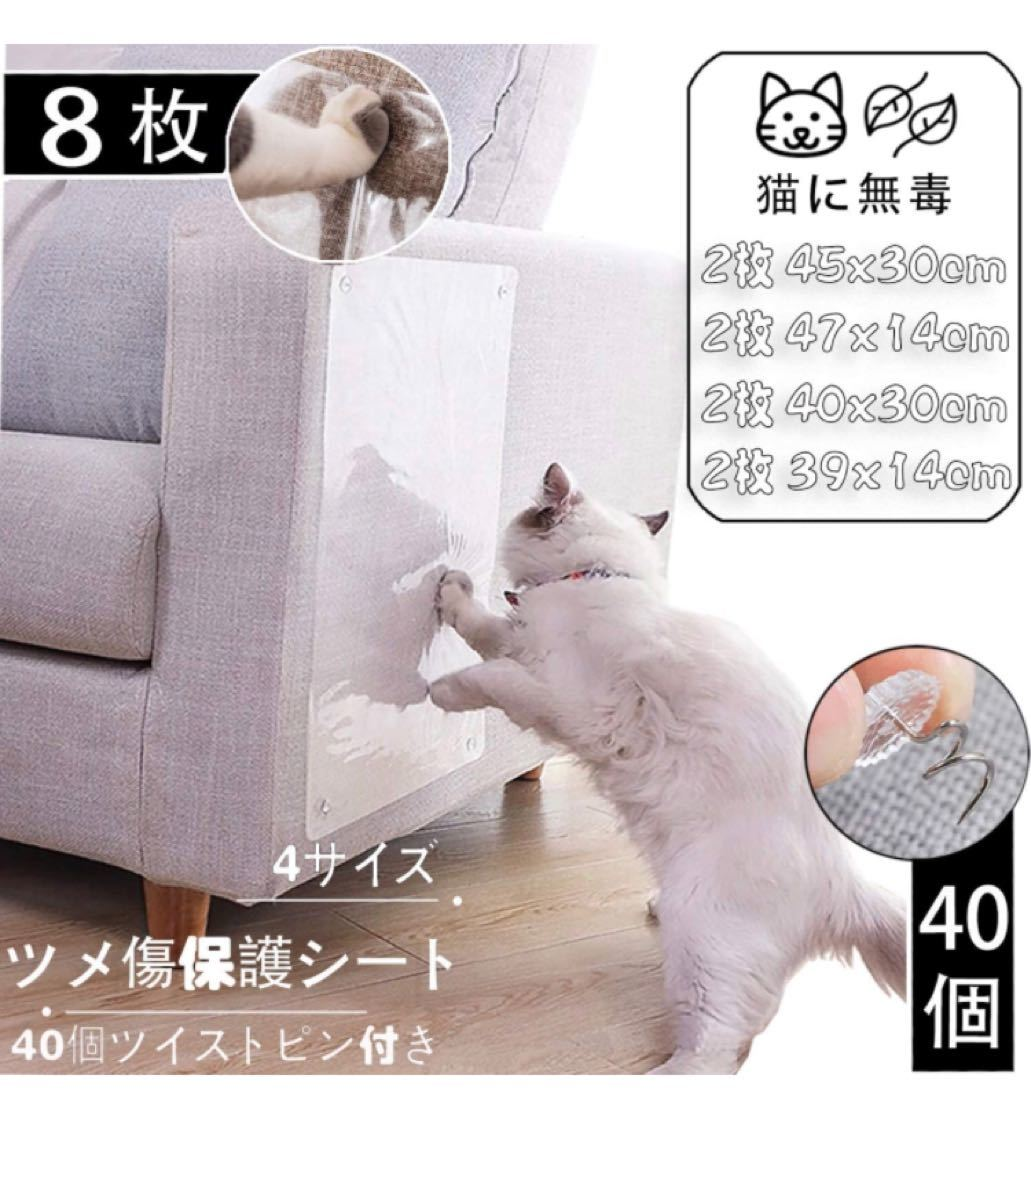 4サイズ(8枚入) 犬用 猫用 つめとぎ 防止 対策保護シート